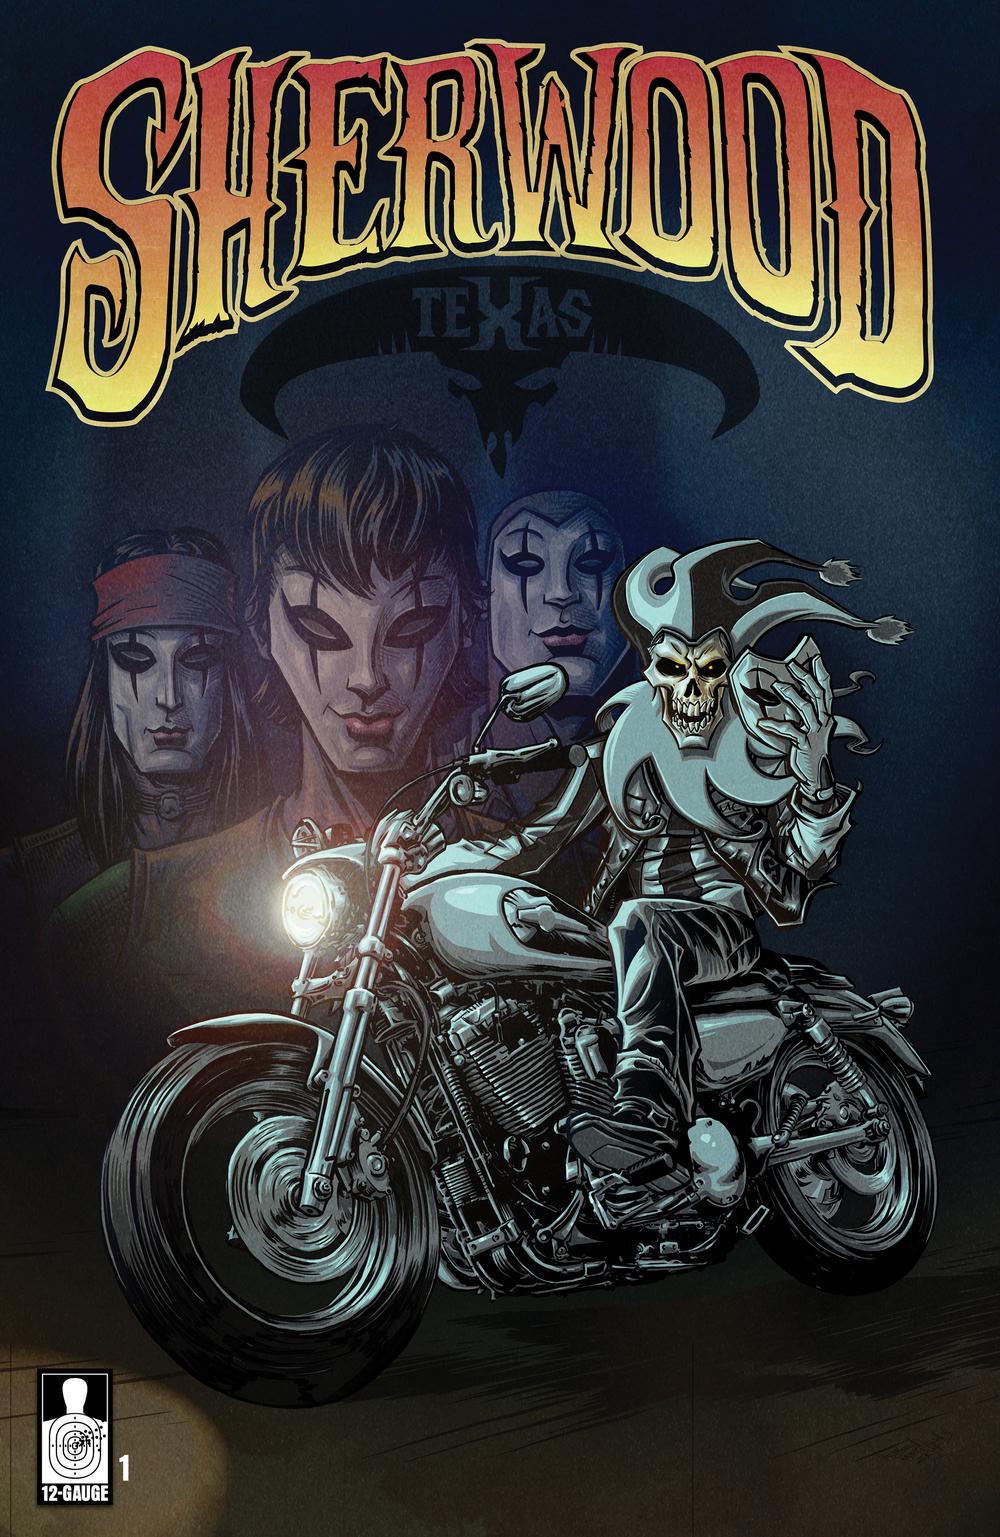 Cover B : Alternate Cover Illustration by M2 Partner, Eben Matthews